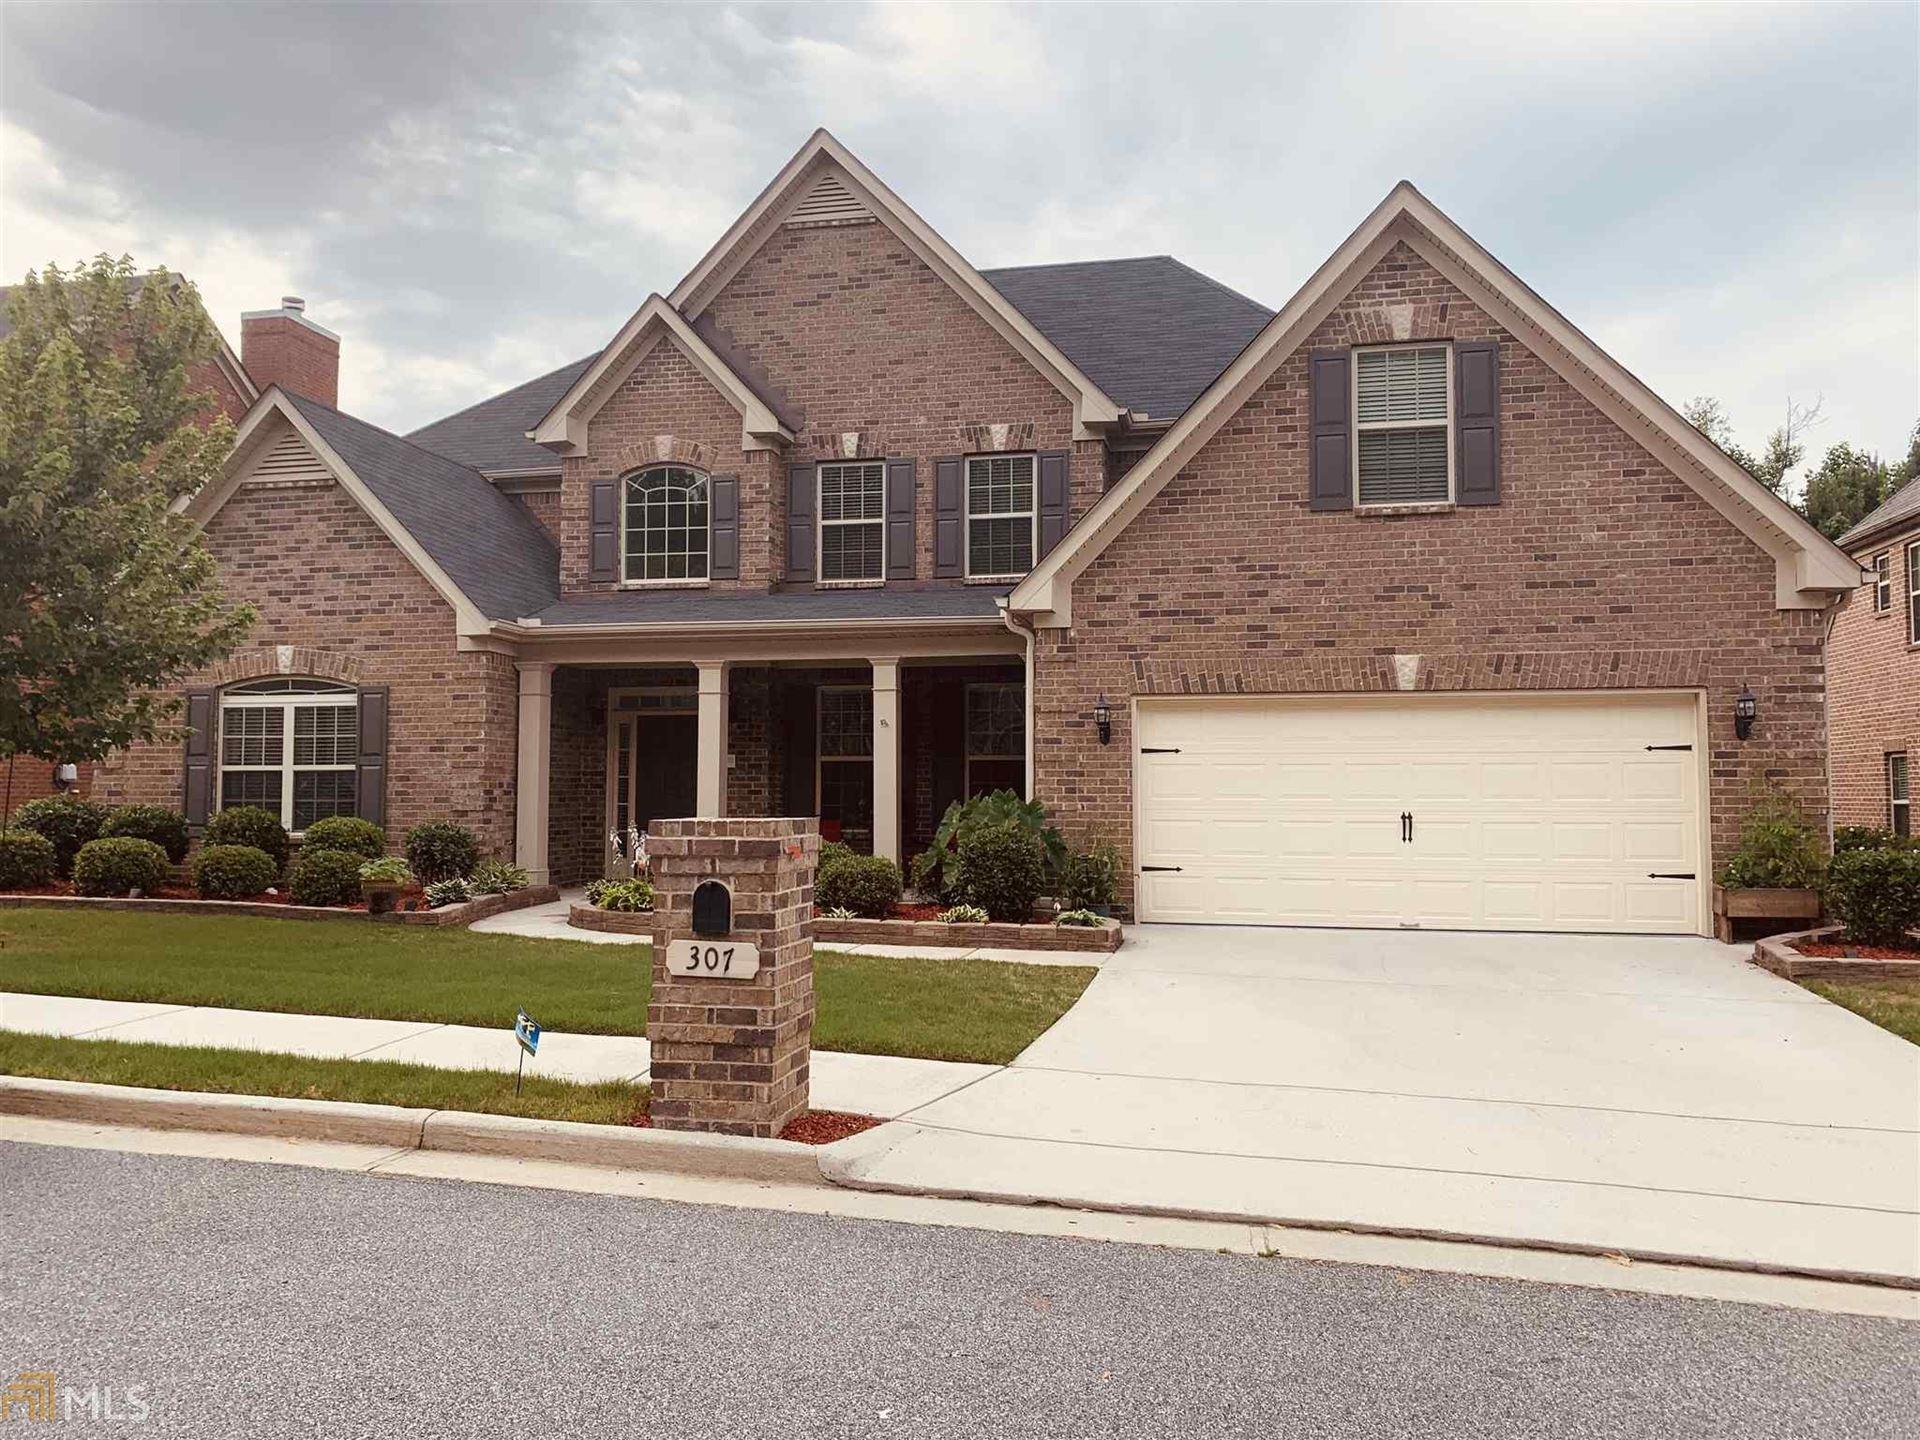 307 Arbor Pl, Loganville, GA 30052 - #: 8800146